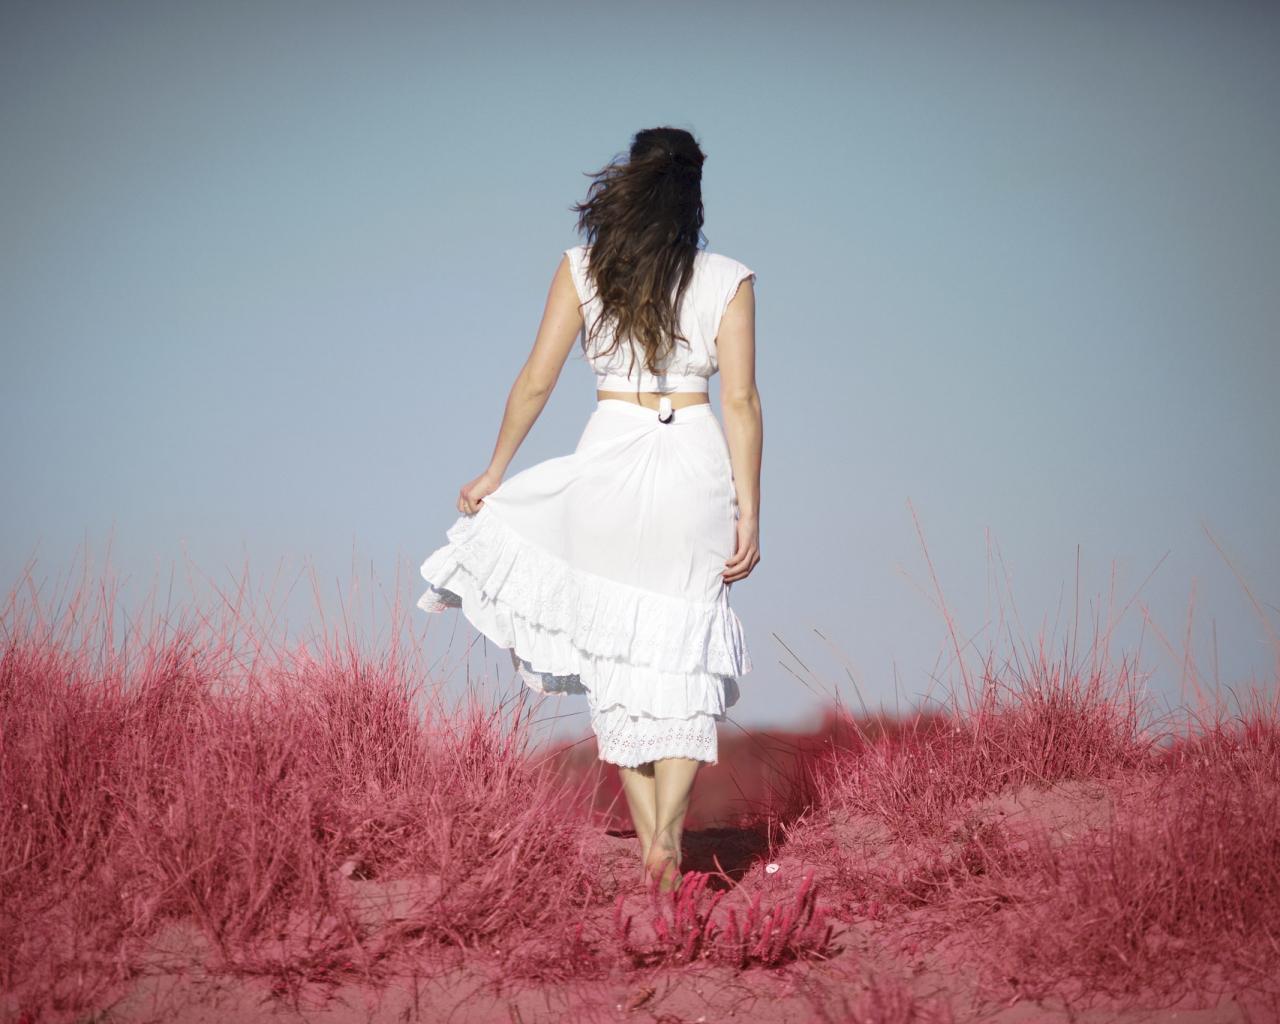 Una chica de espaldas - 1280x1024